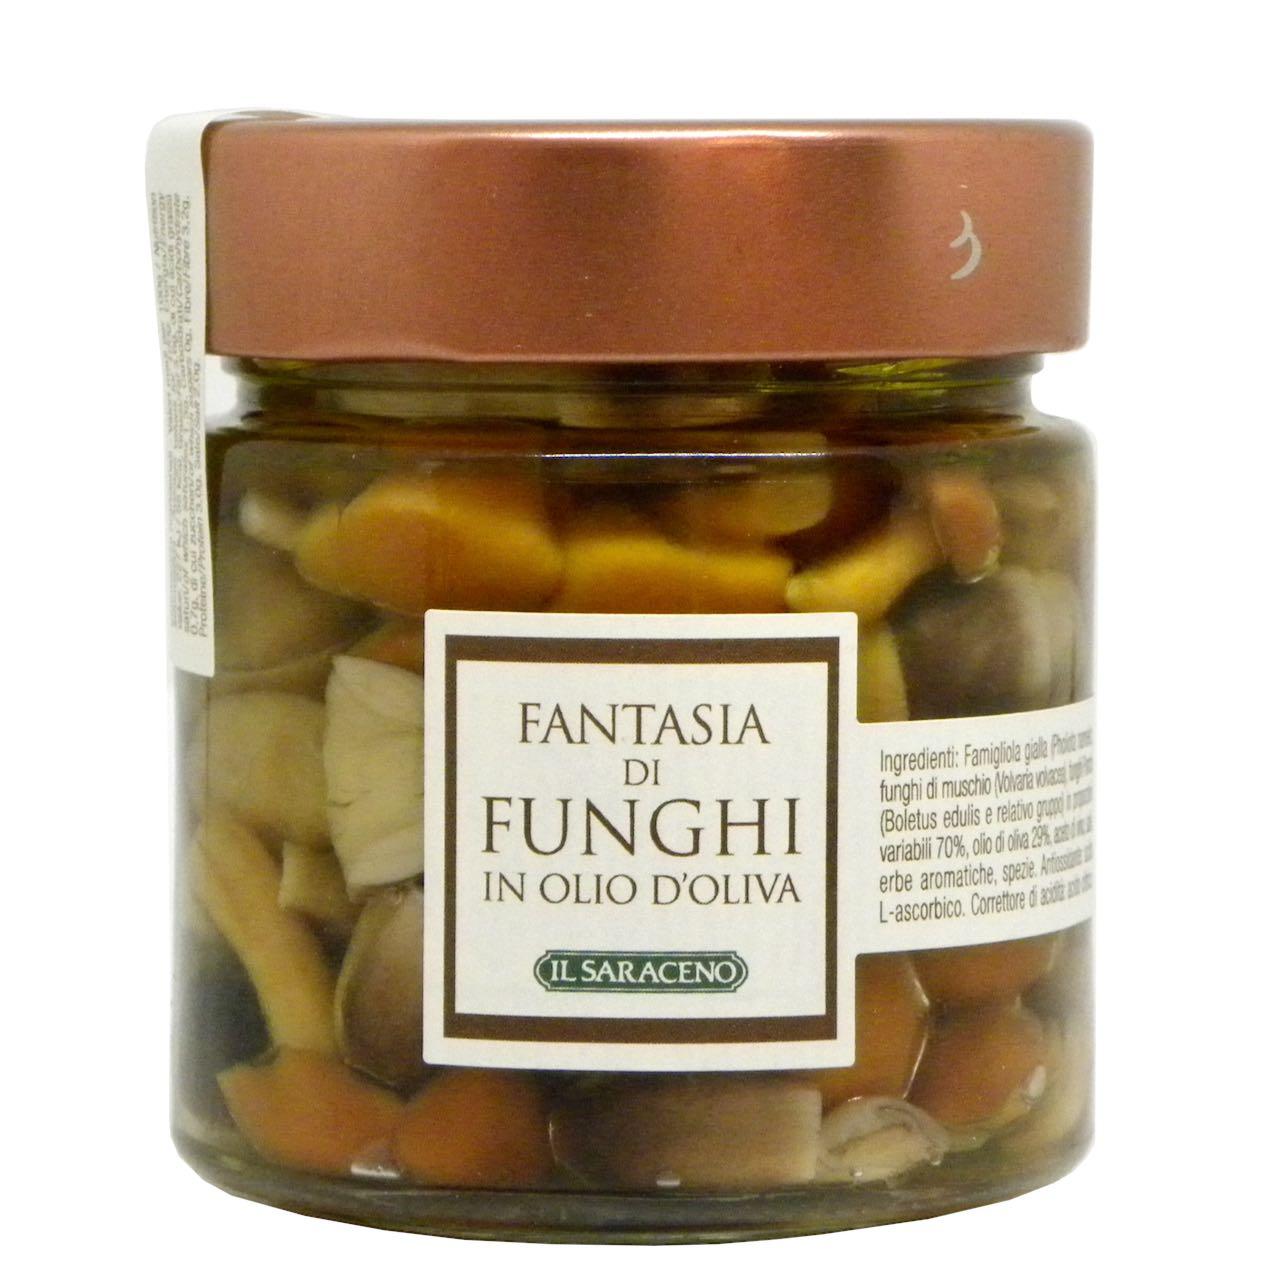 funghi sott'olio di oliva Sala Cereali – Gustorotondo – buono sano artigiano